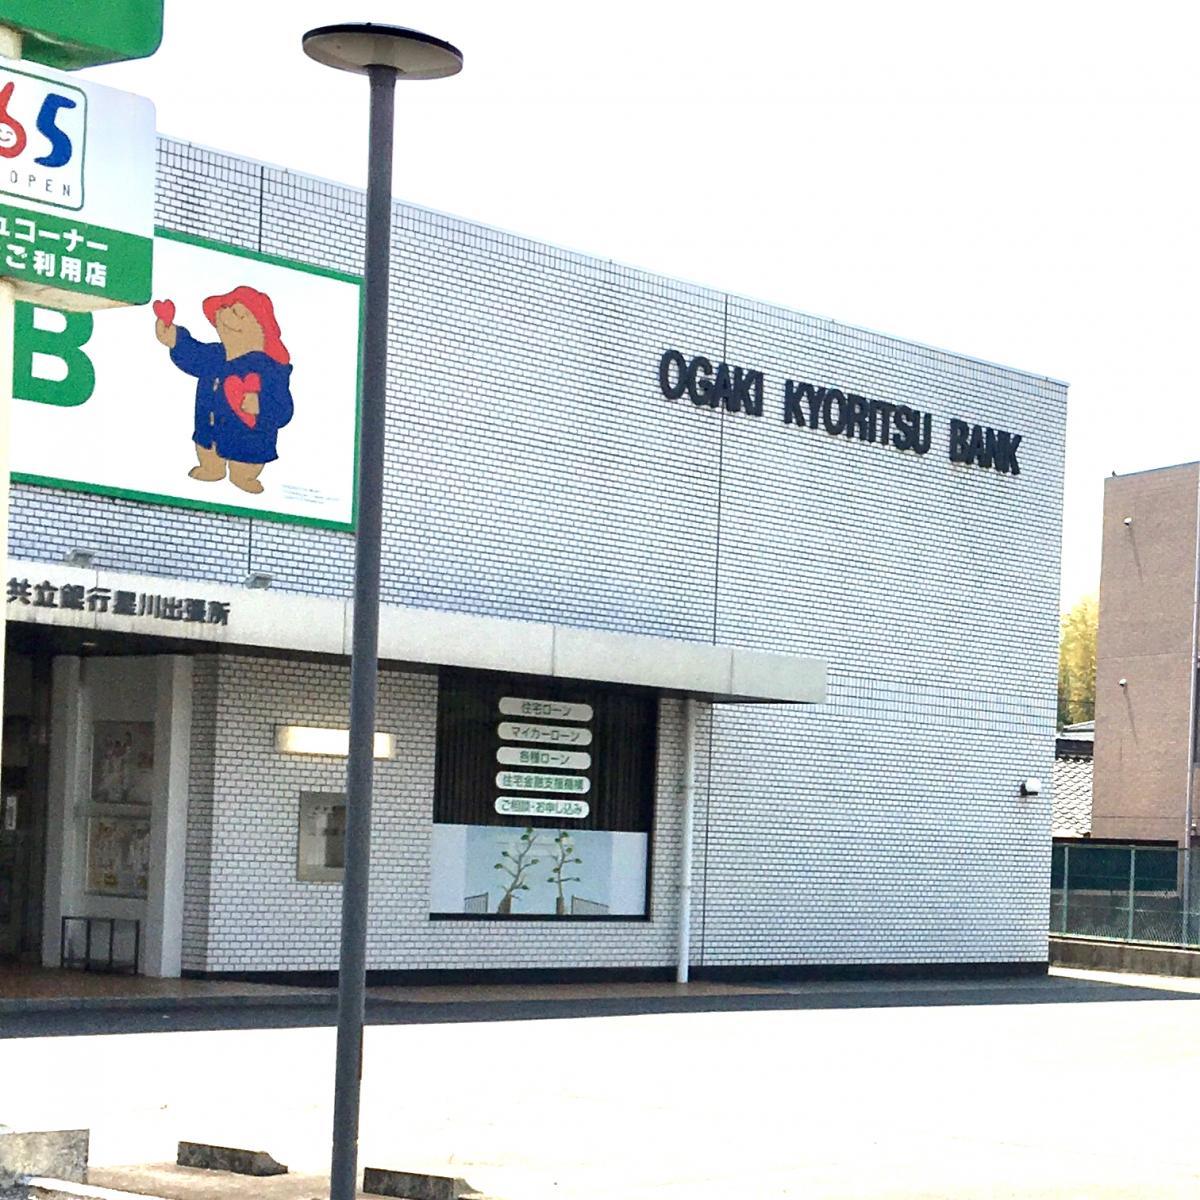 大垣 共立 銀行 マイカー ローン